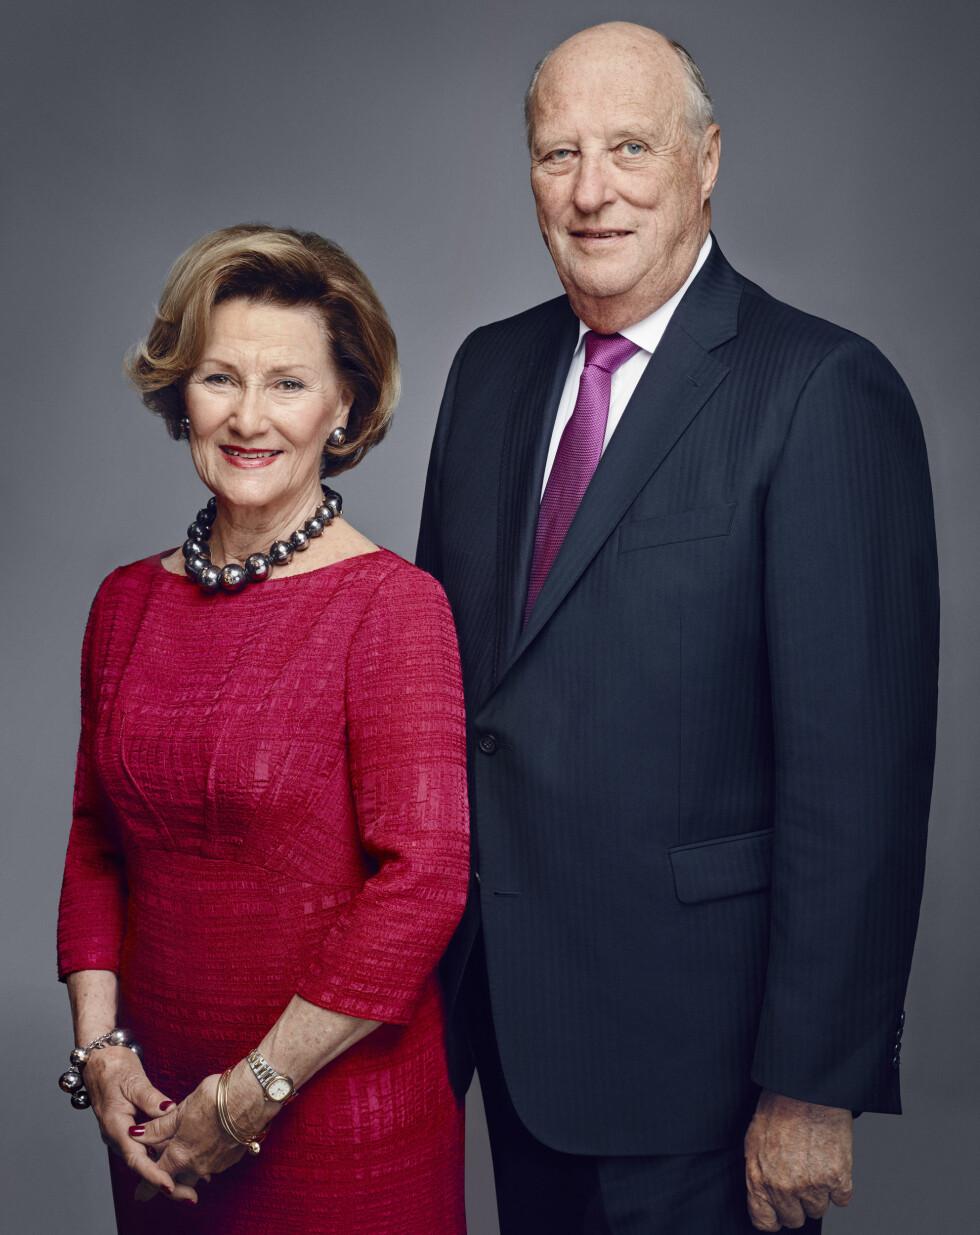 FLOTT PAR: Neste år fyller dronning Sonja og kong Harald 80 år - men det er ingen tvil om at de to holder seg godt. I 25 år har de vært Norges kongepar. Foto: Det kongelige hoff Jørgen Gomnæs / NTB scanpix